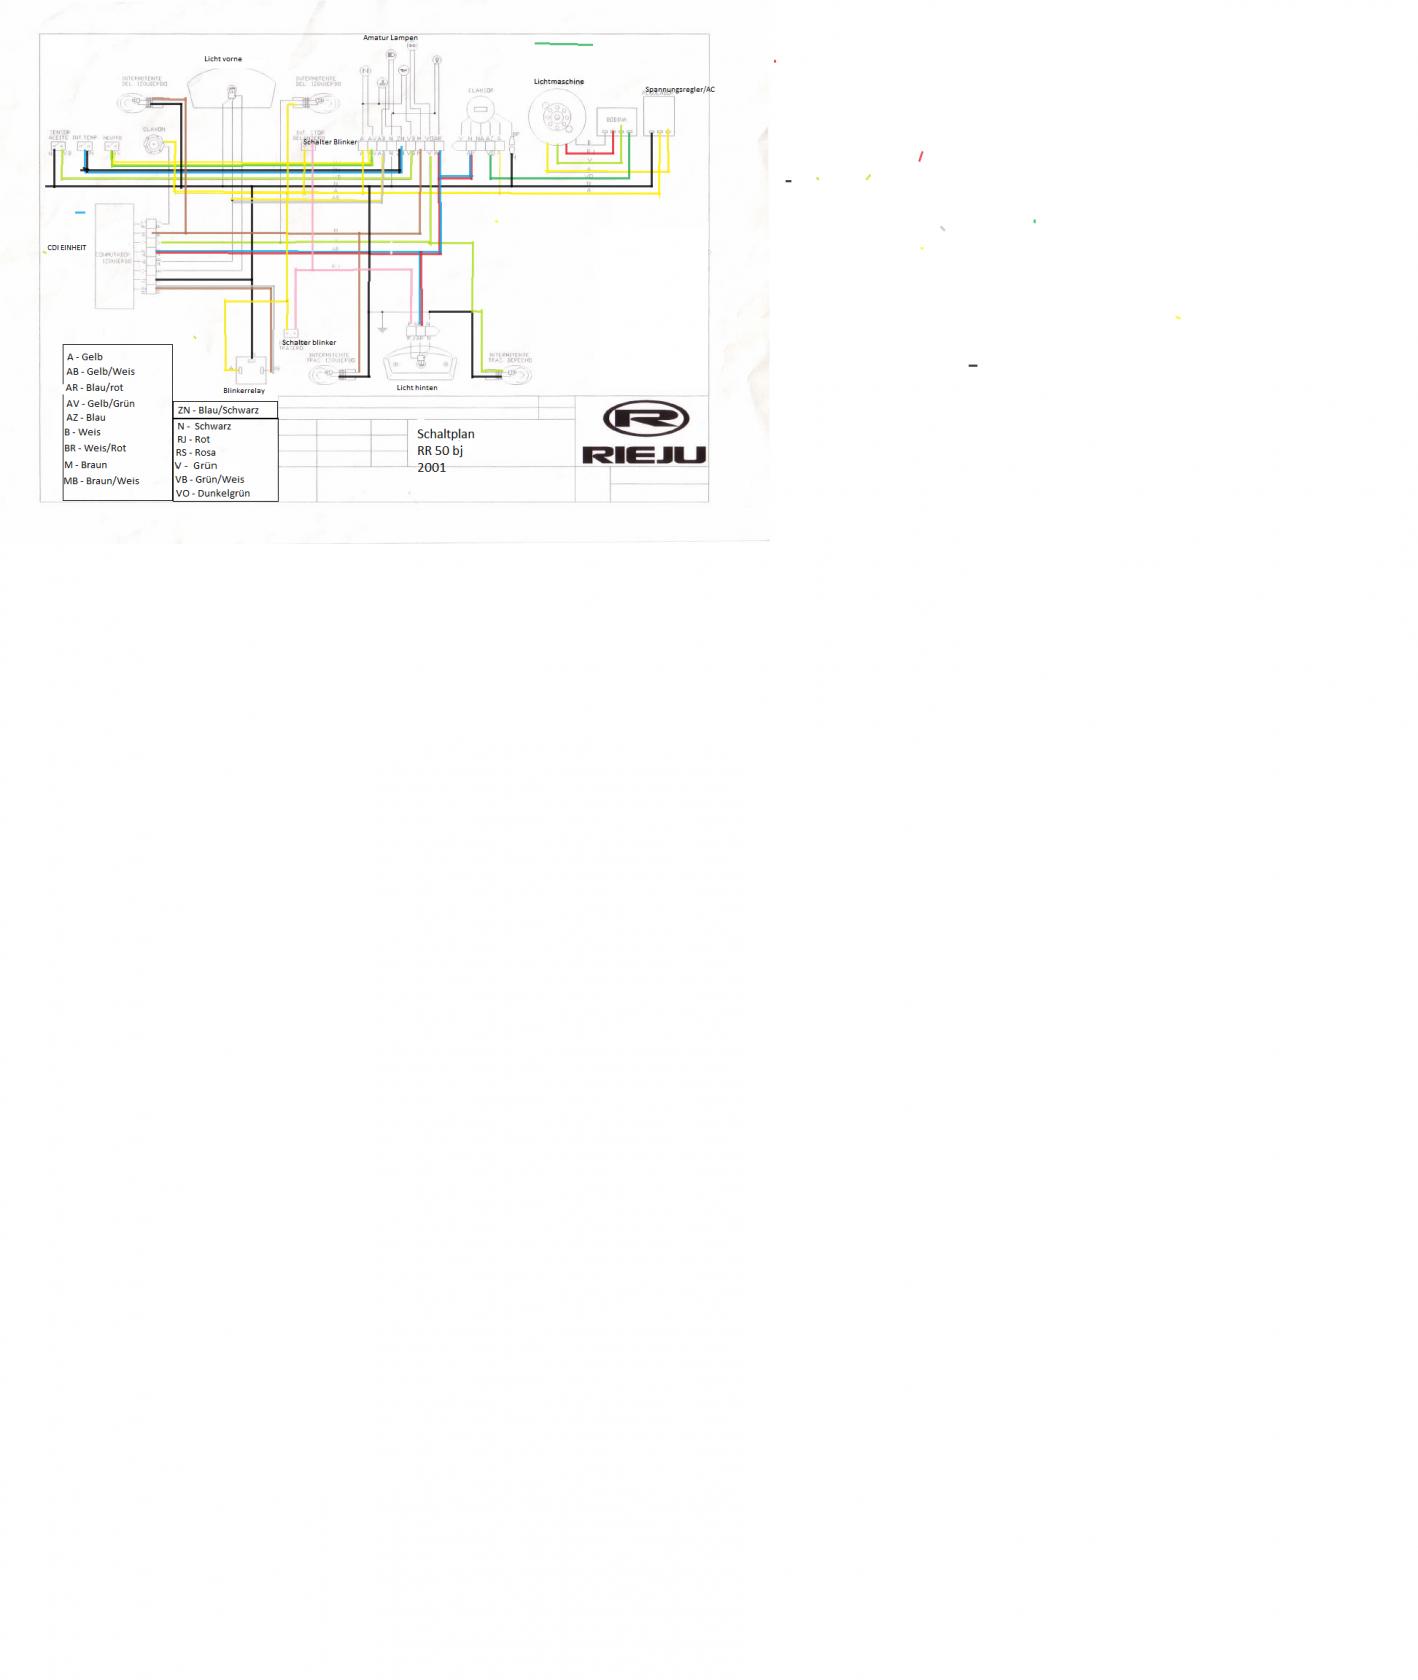 Schaltplan für Rieju RR 50 bj 2001 - Elektronikbereich - 2Stroke-Tuning